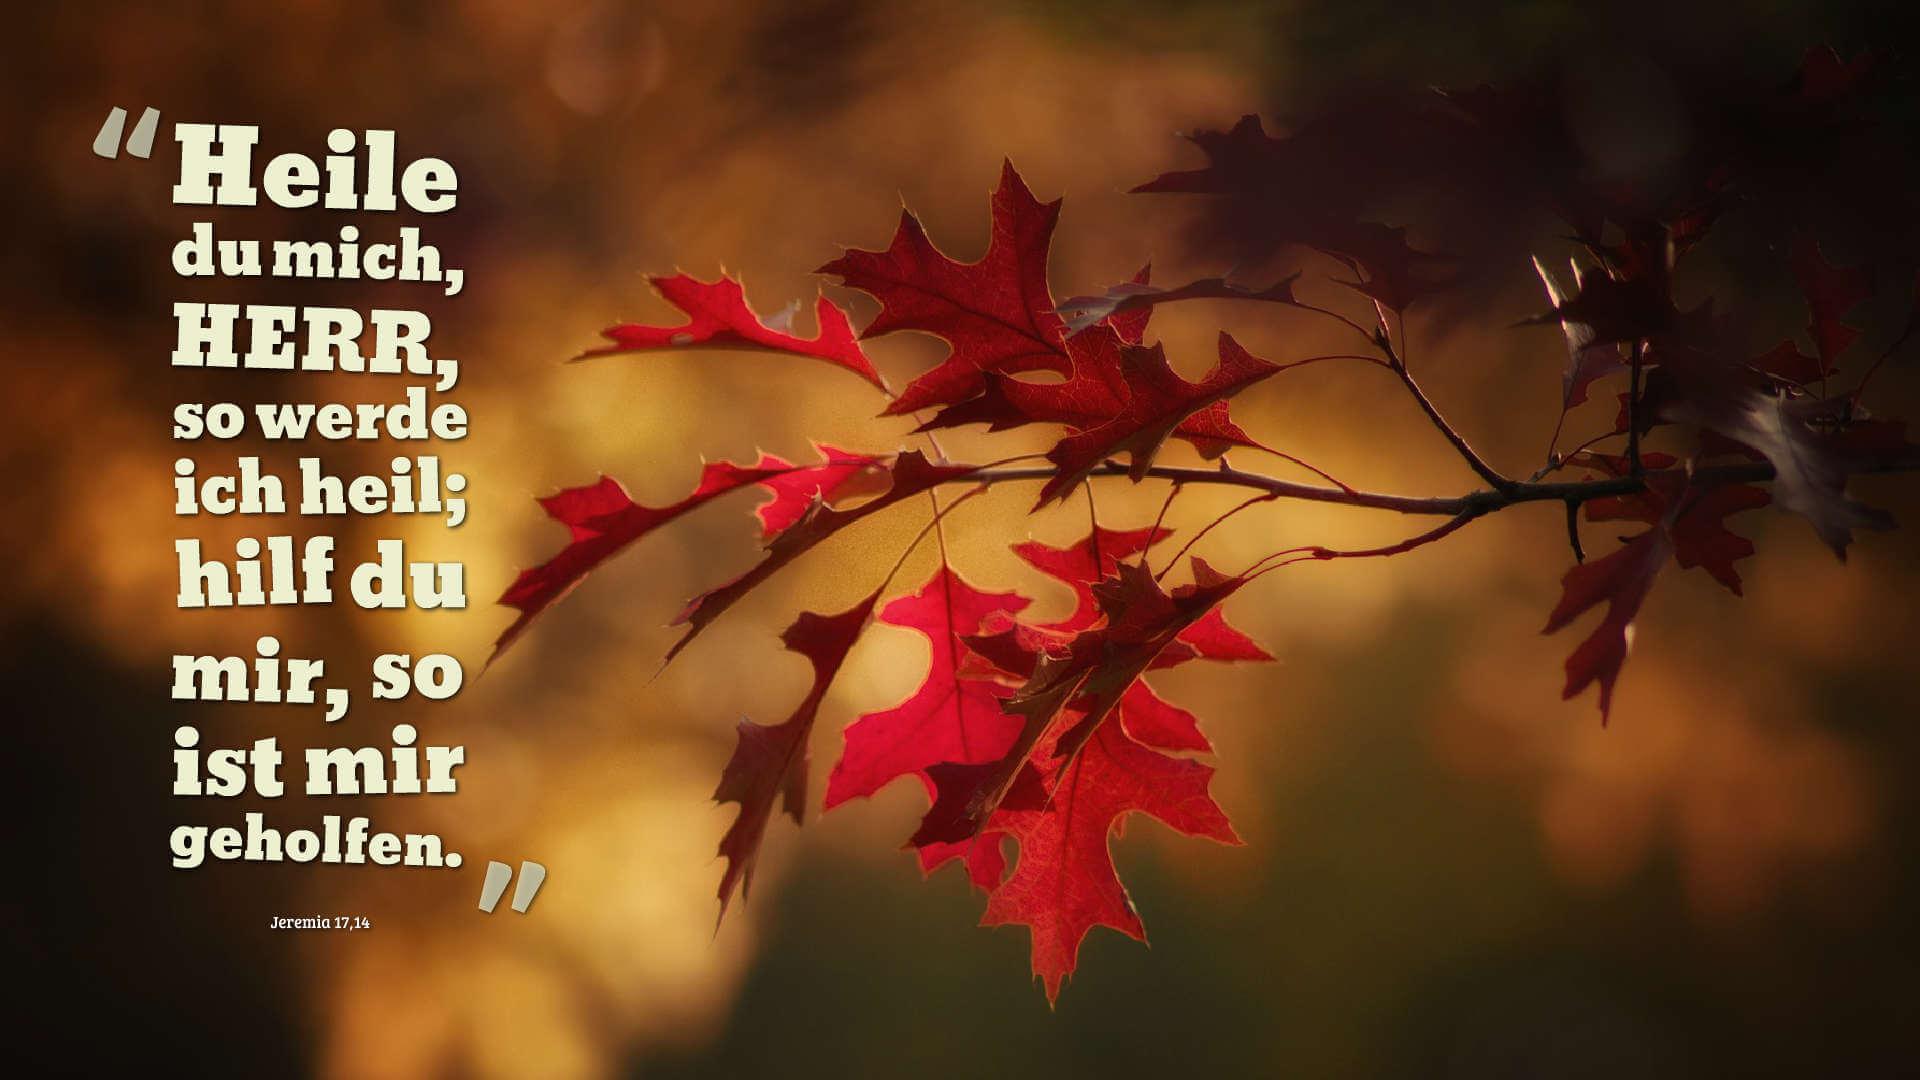 Heile du mich, HERR, so werde ich heil; hilf du mir, so ist mir geholfen. - Jeremia 17,14